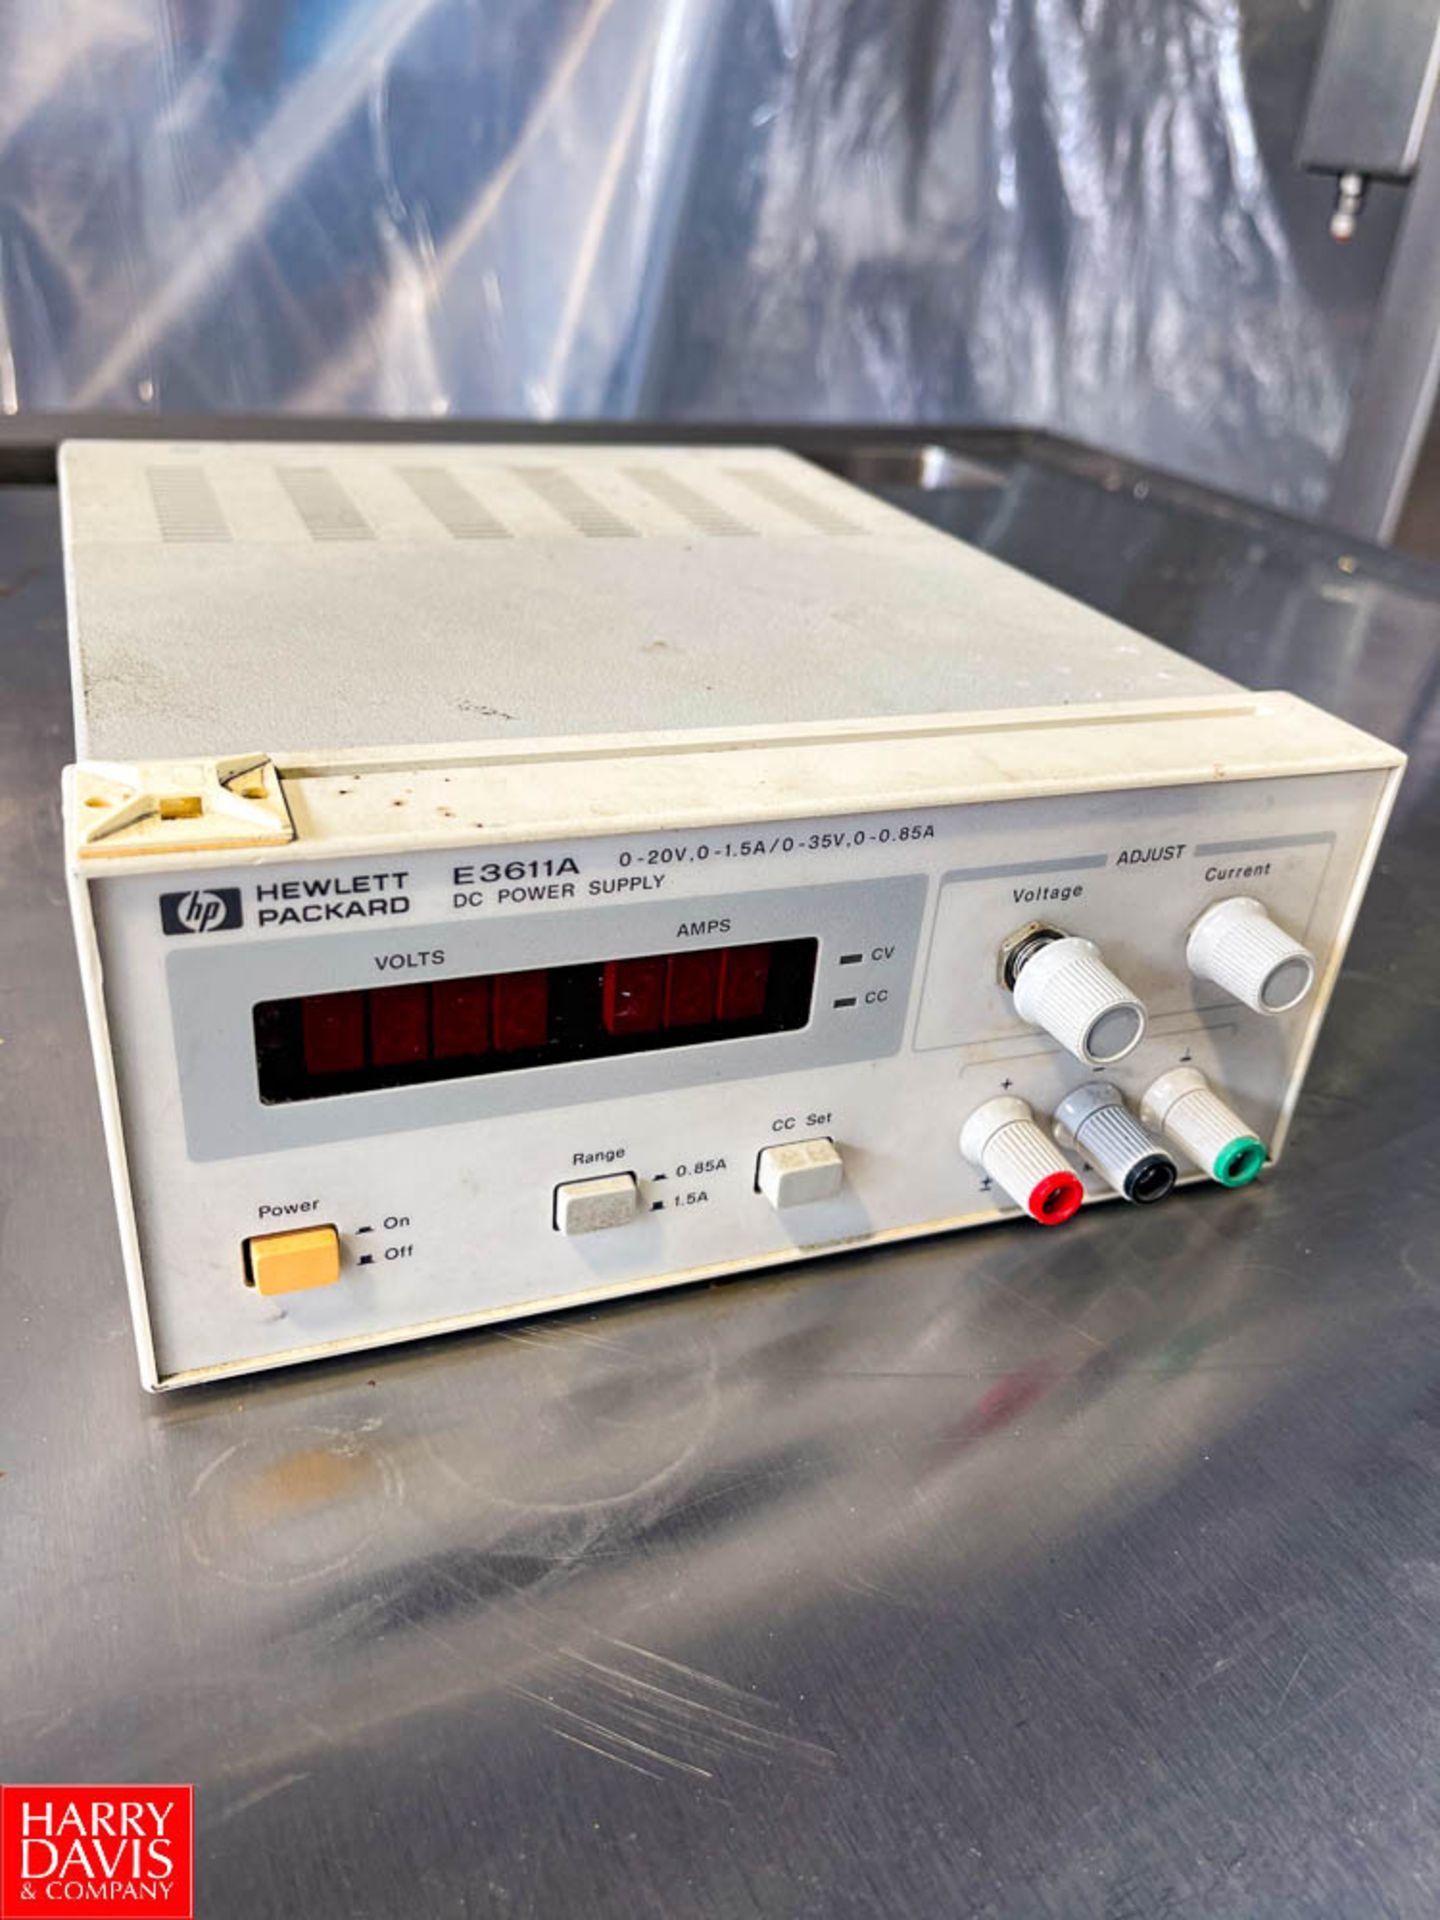 Hewlett-Packard DC Power Supply Model E3611A